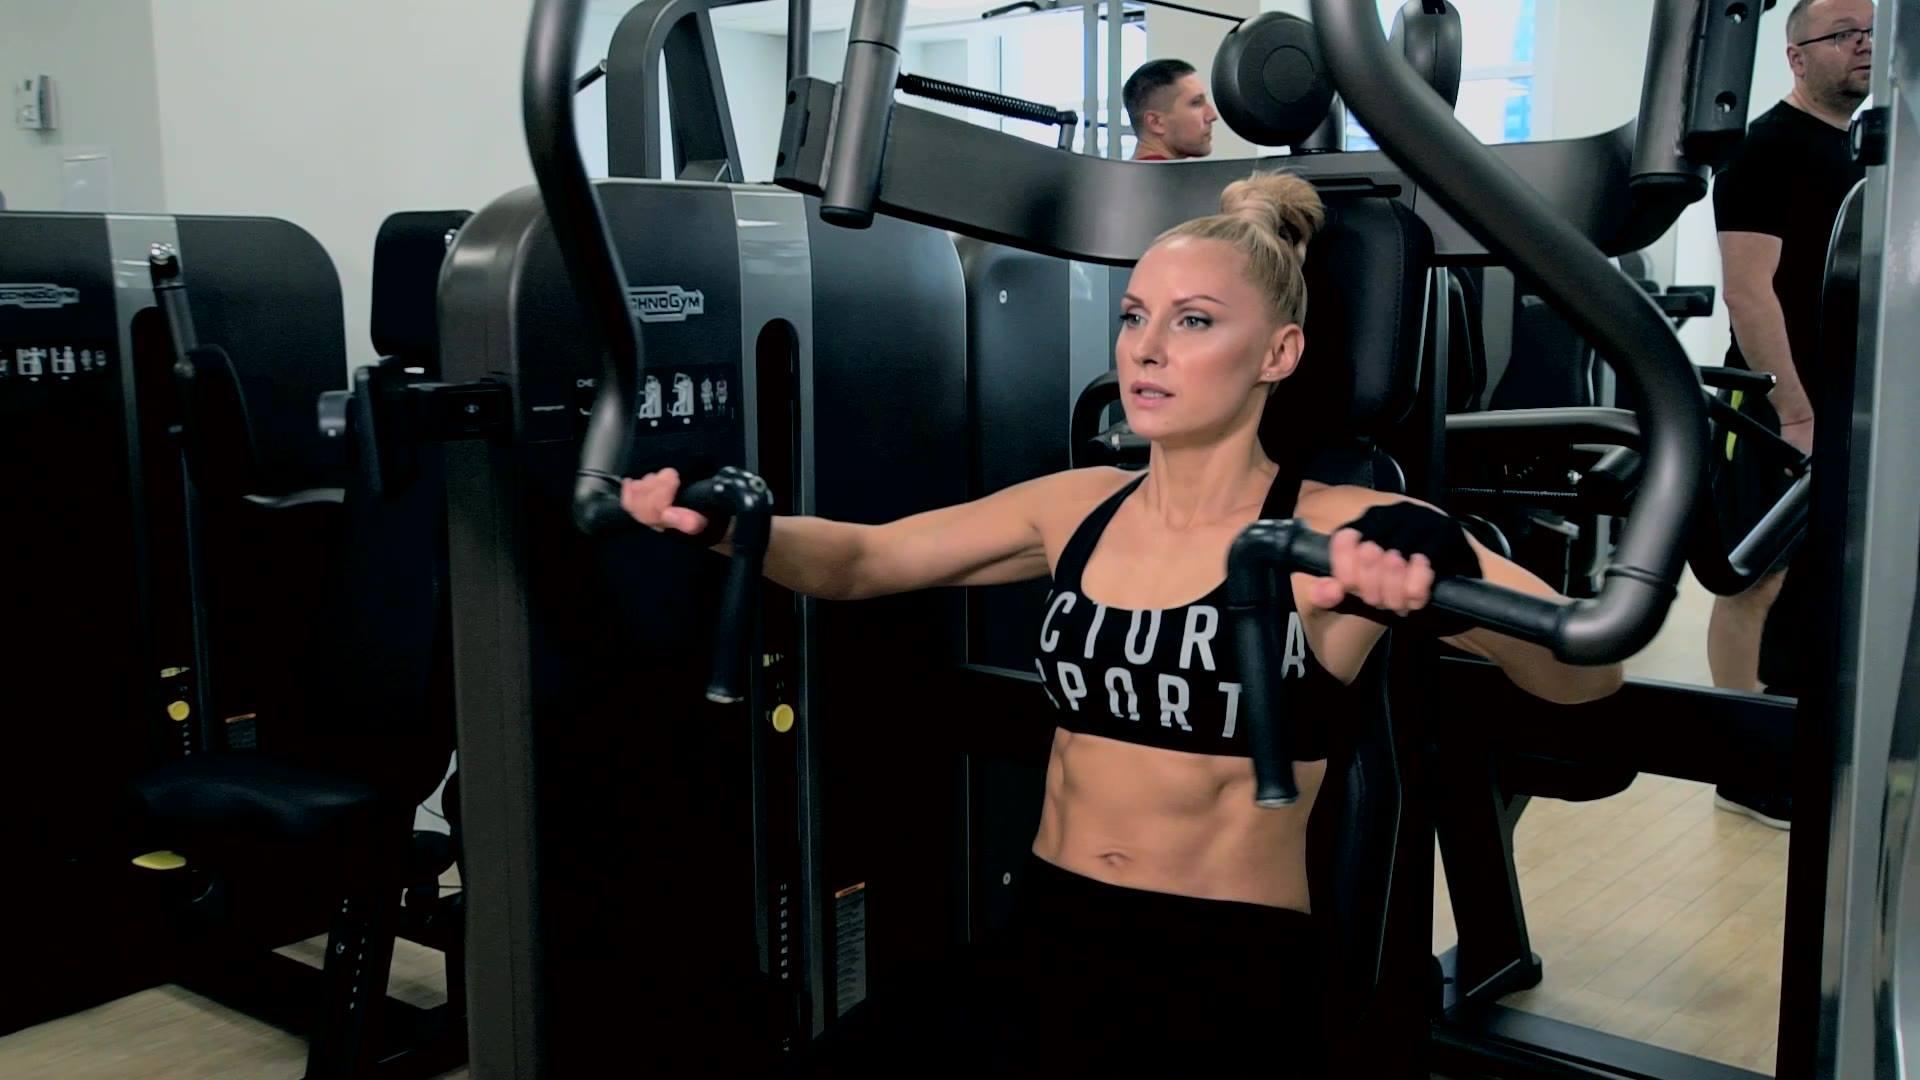 Тренування дівчини у фітнес-залі в міста Київ (https://ua.grand-prix.ua/)